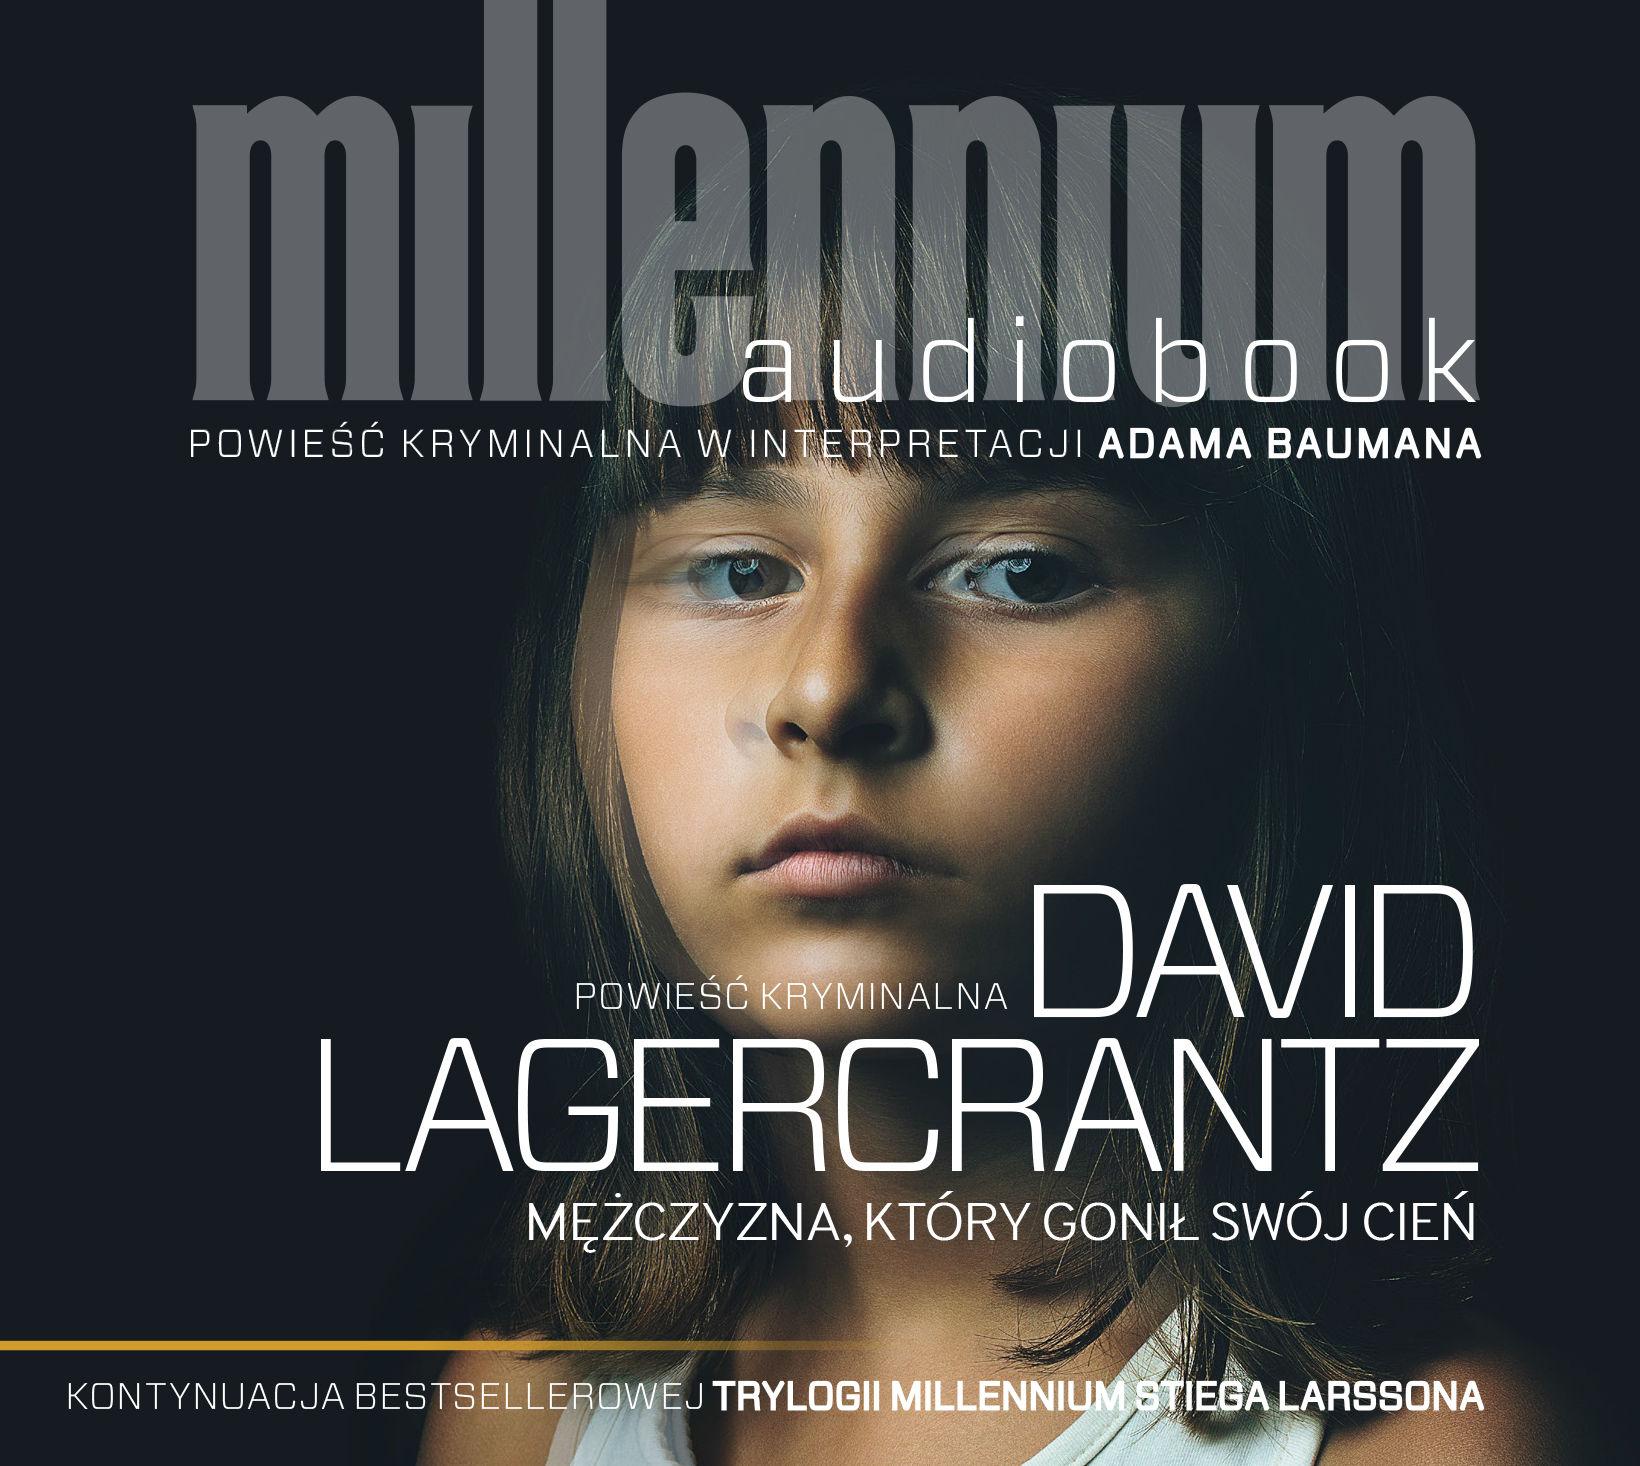 Mężczyzna, który gonił swój cień - David Lagercrantz - audiobook